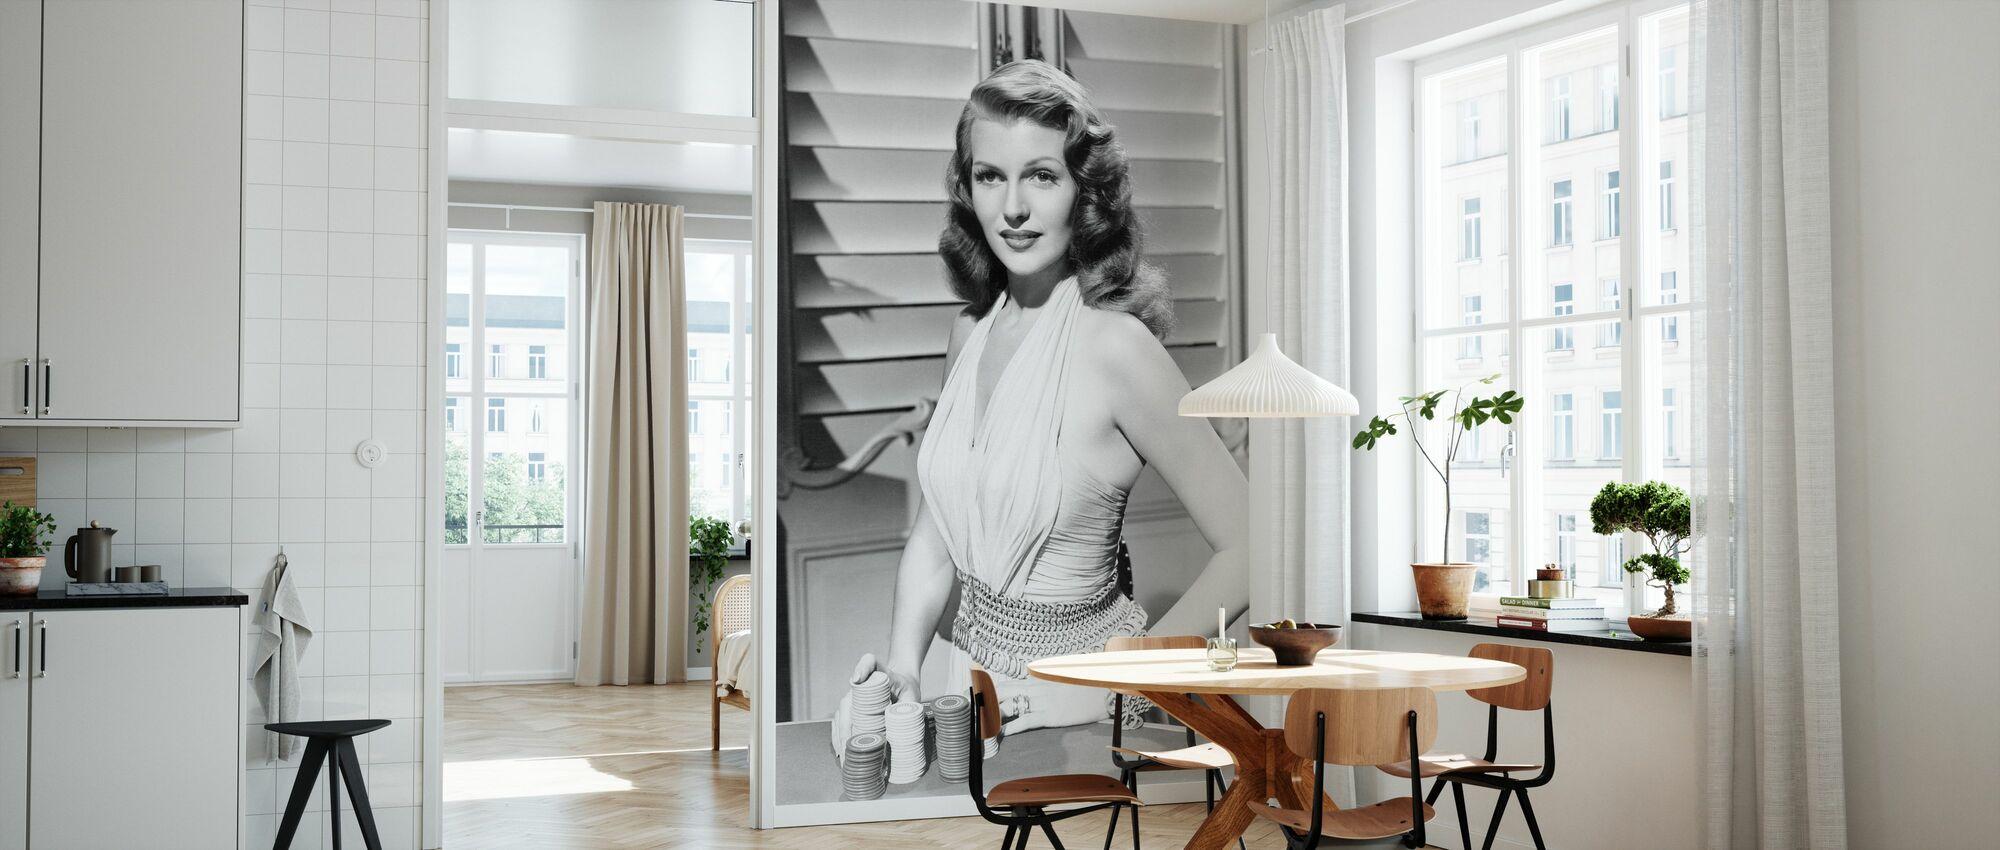 Gilda - Wallpaper - Kitchen